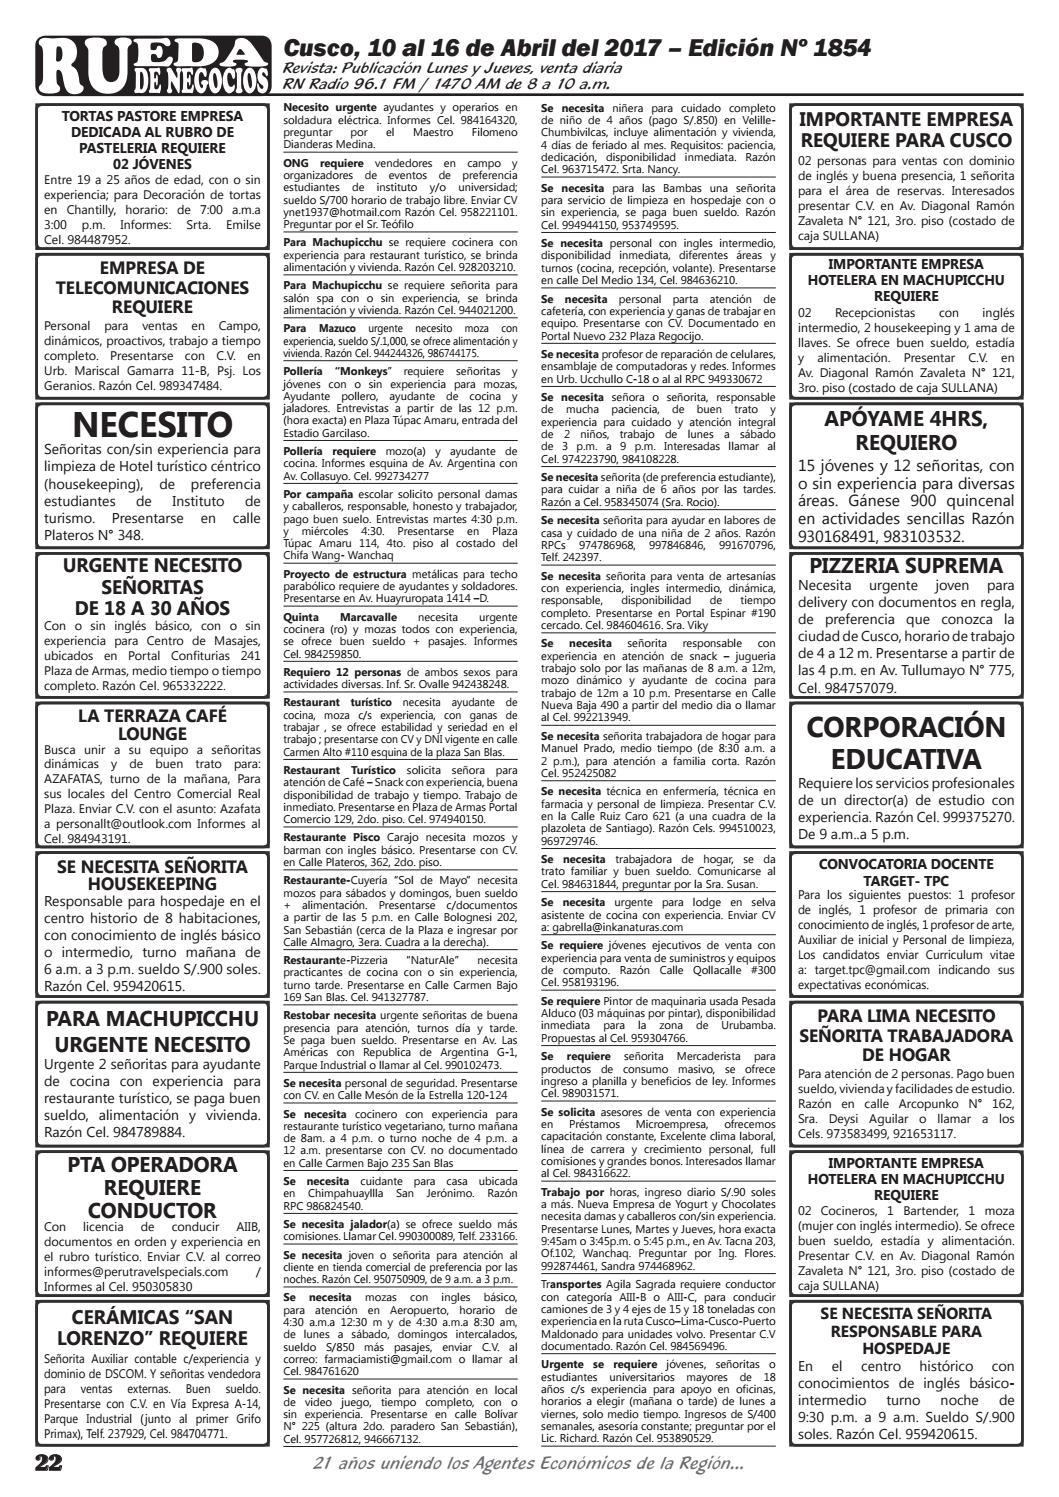 Edición 1854 by Rueda de Negocios - issuu